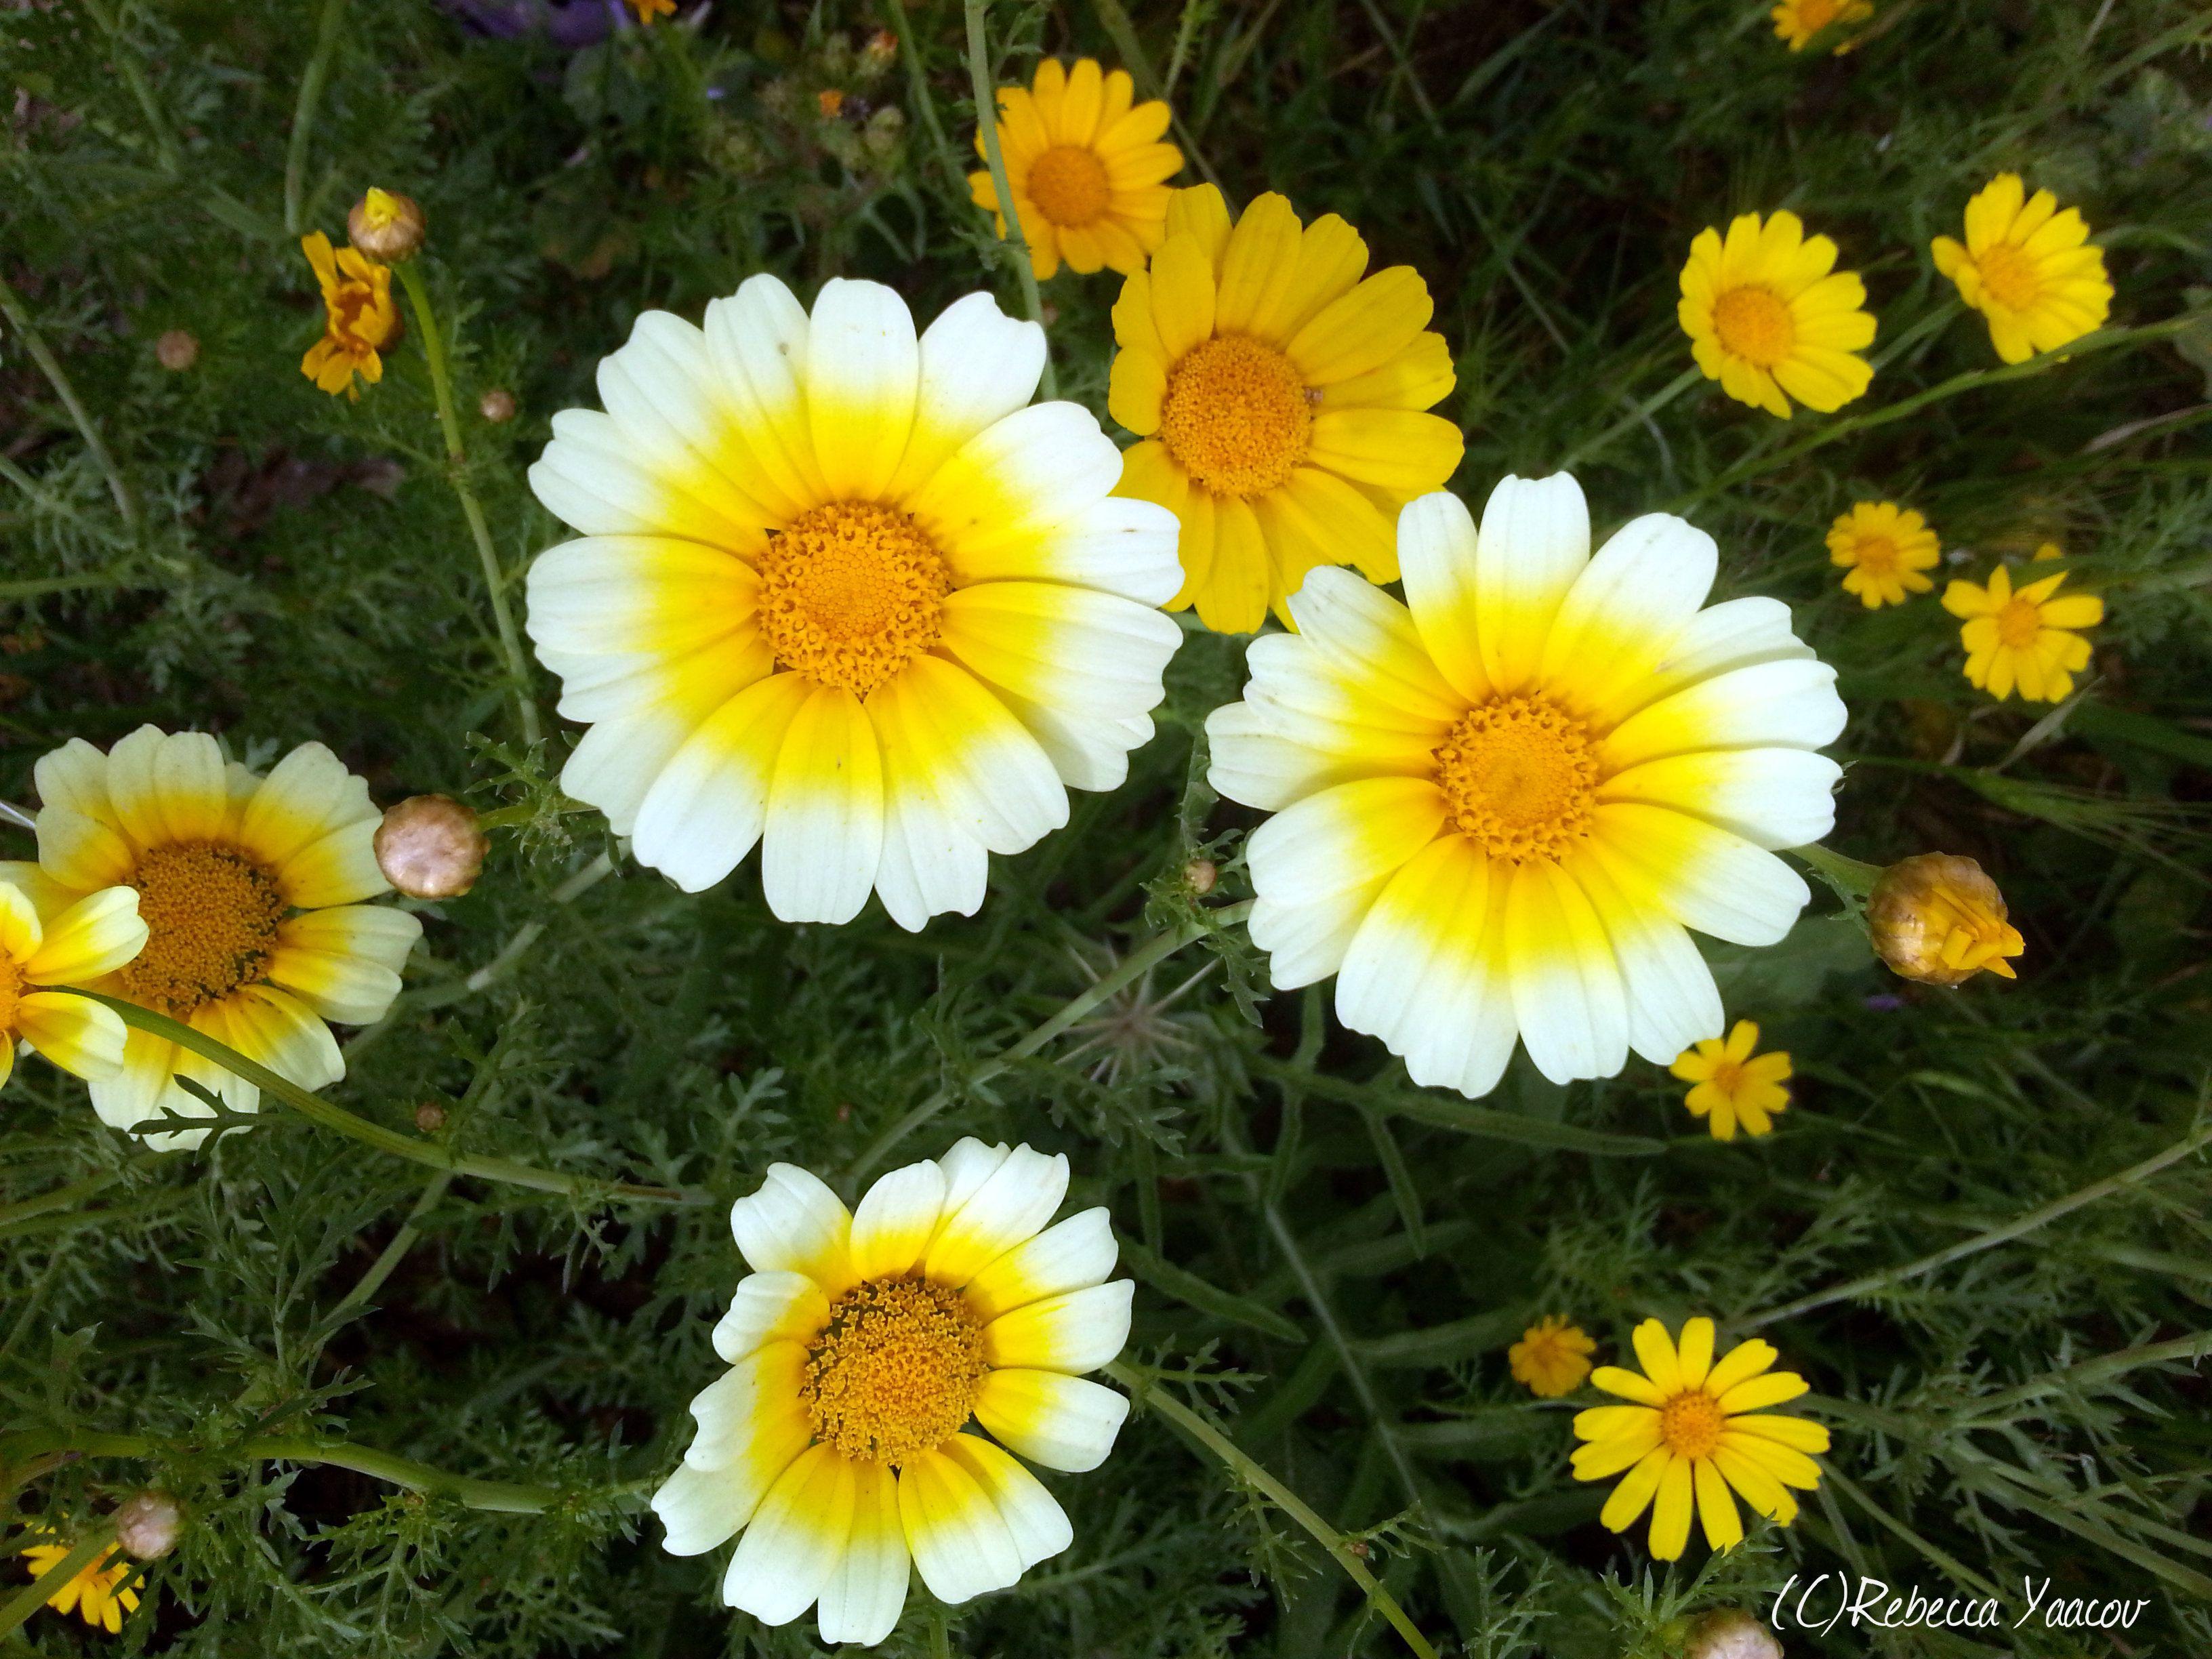 Wild daisy love daisy love pinterest wild daisy love izmirmasajfo